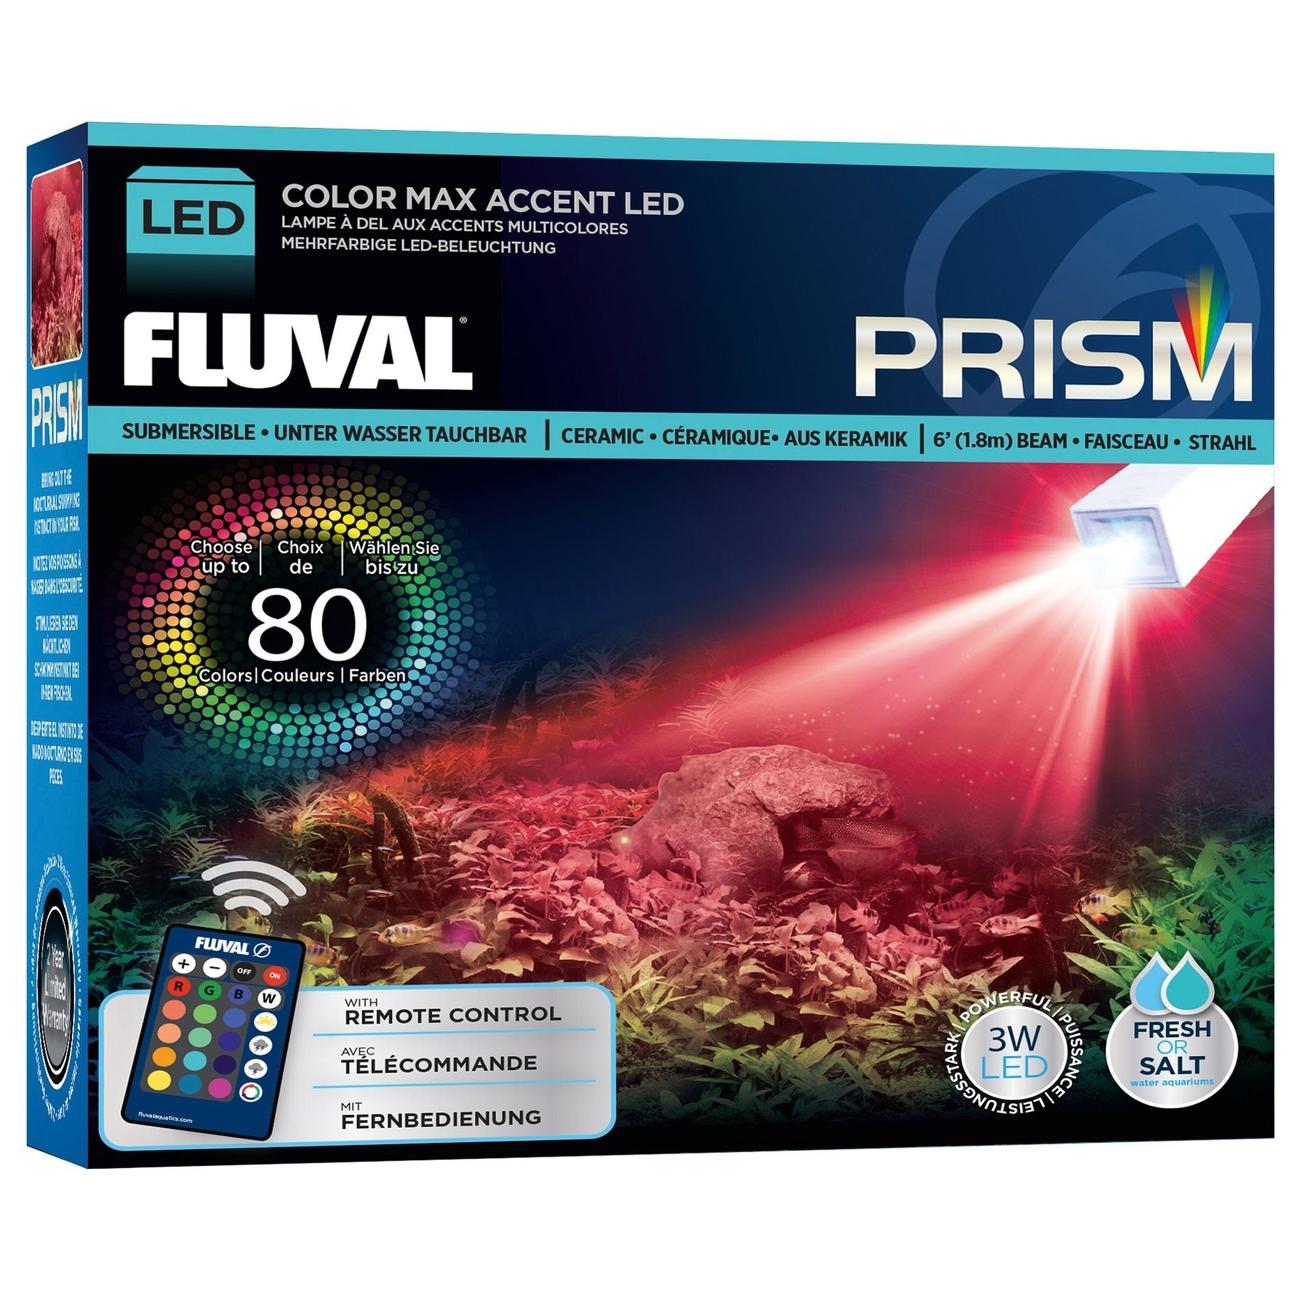 Fluval Prism Unterwasser Led Beleuchtung Von Fluval Gunstig Bestellen Tiierisch De